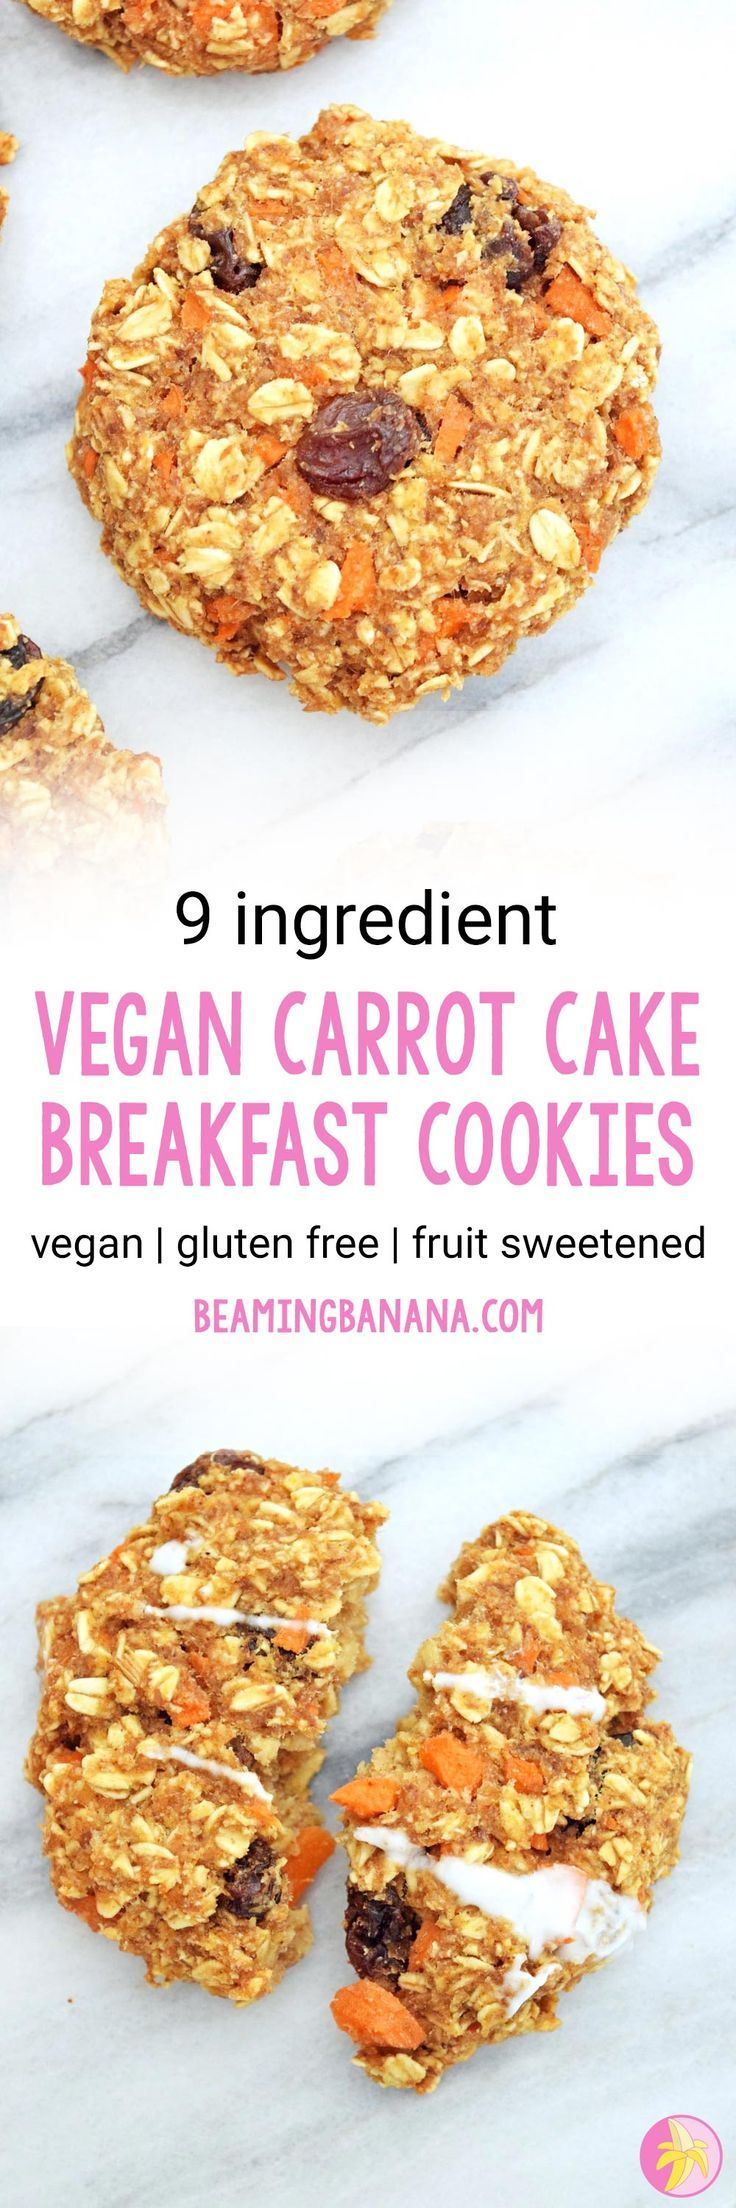 Vegan Carrot Cake Breakfast Cookies Rezept Rezepte Lecker Vegane Rezepte